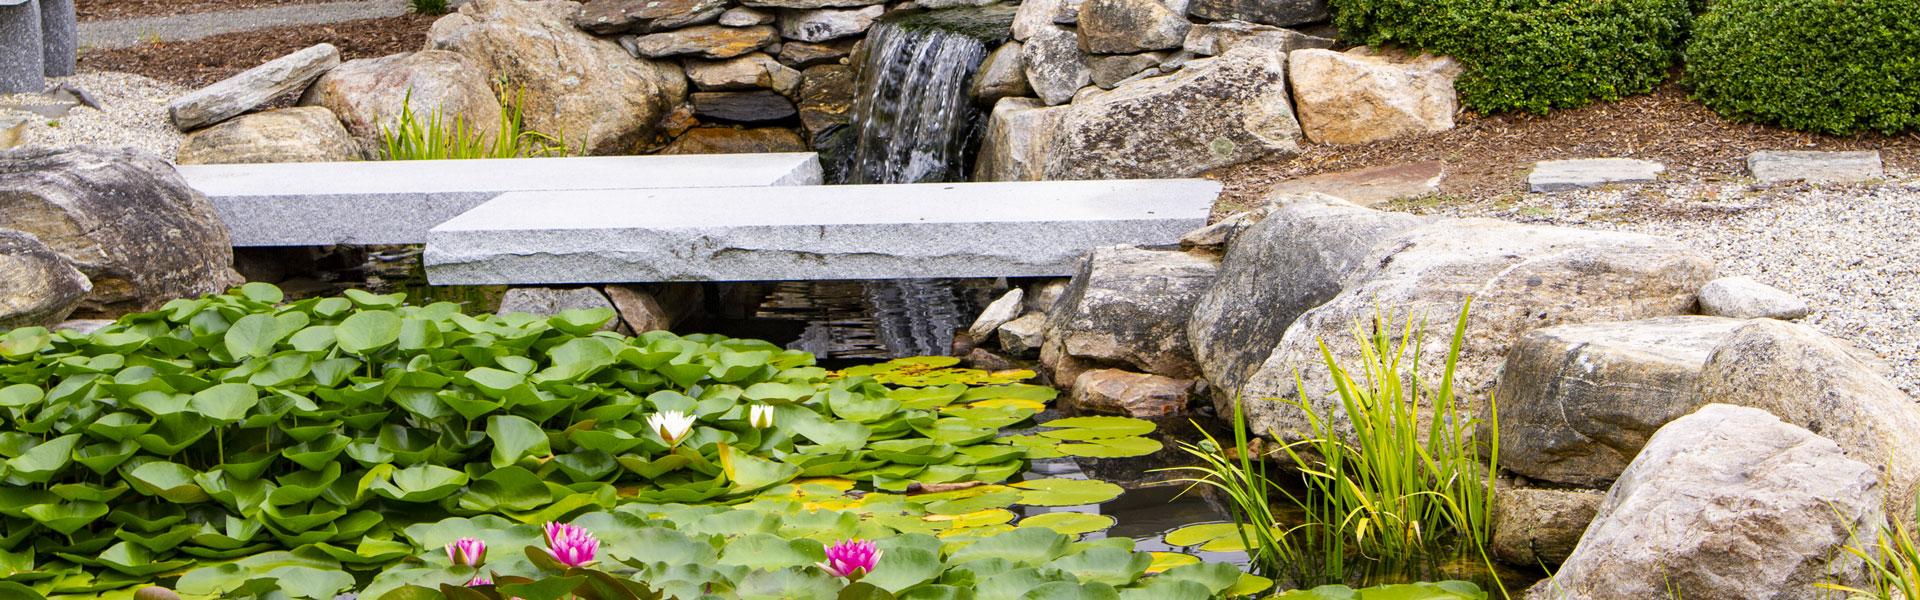 Stone bridge in nature garden